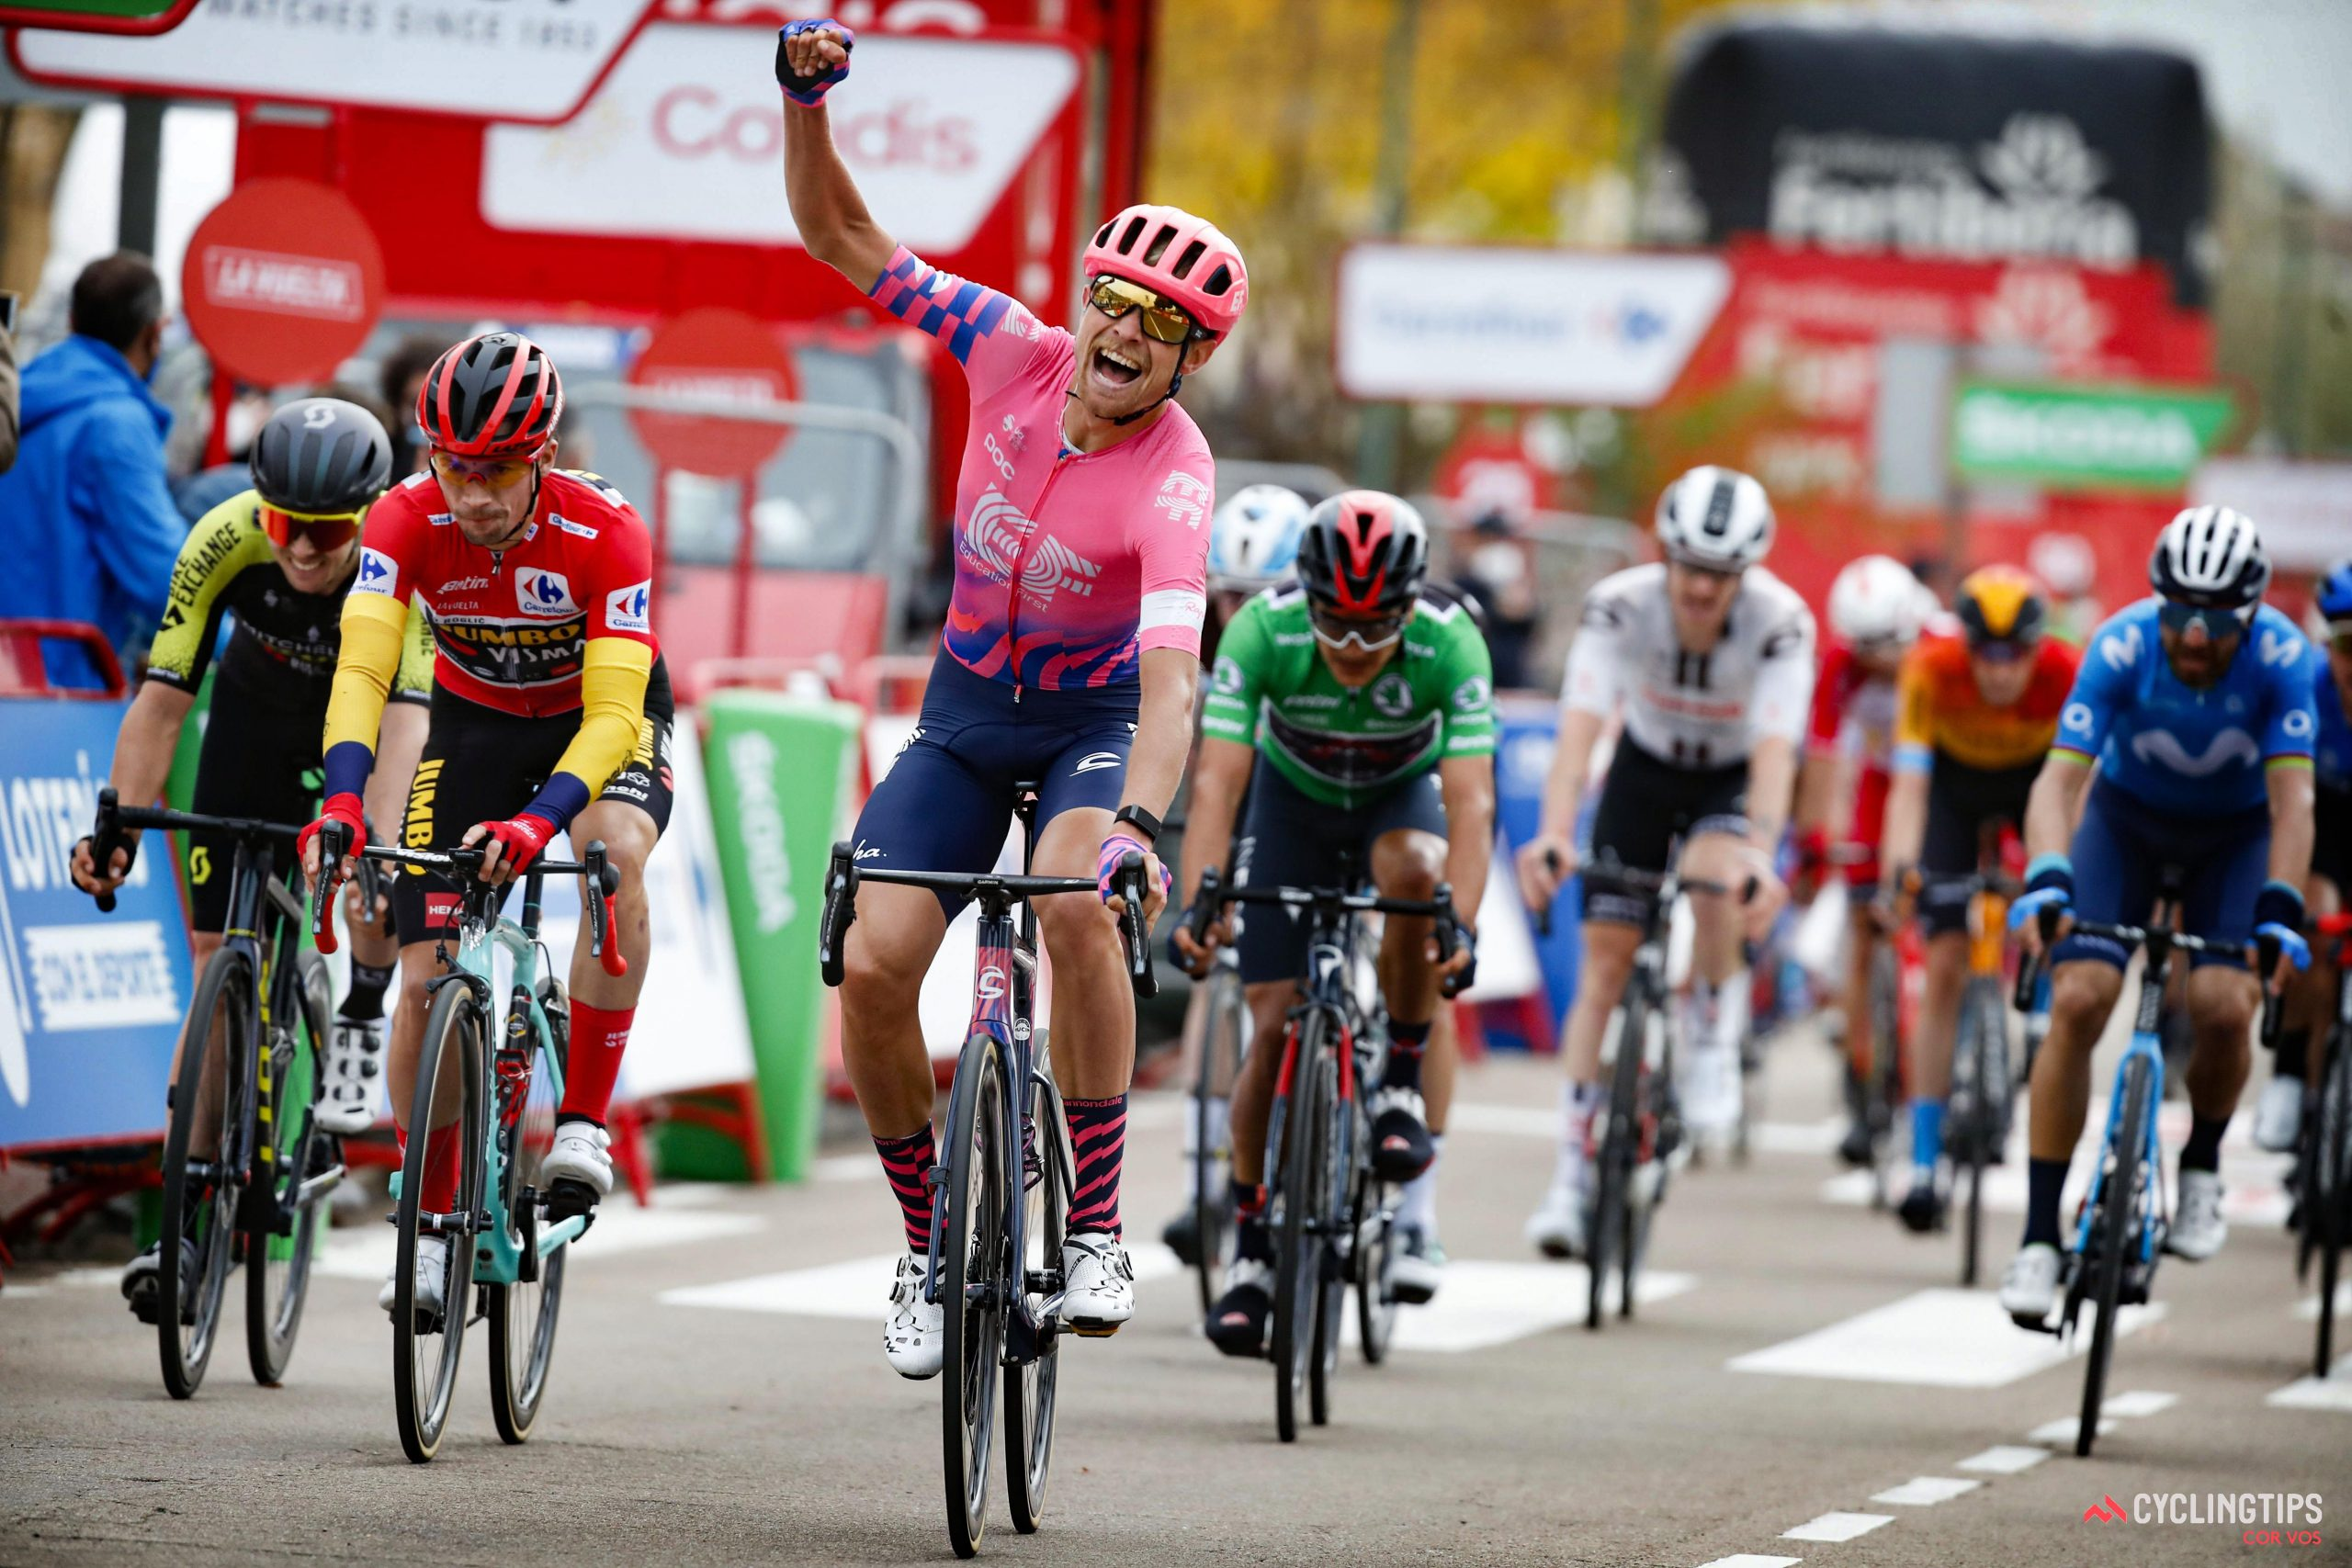 Magnus Cort gana la etapa 16 de la Vuelta: Daily News Digest